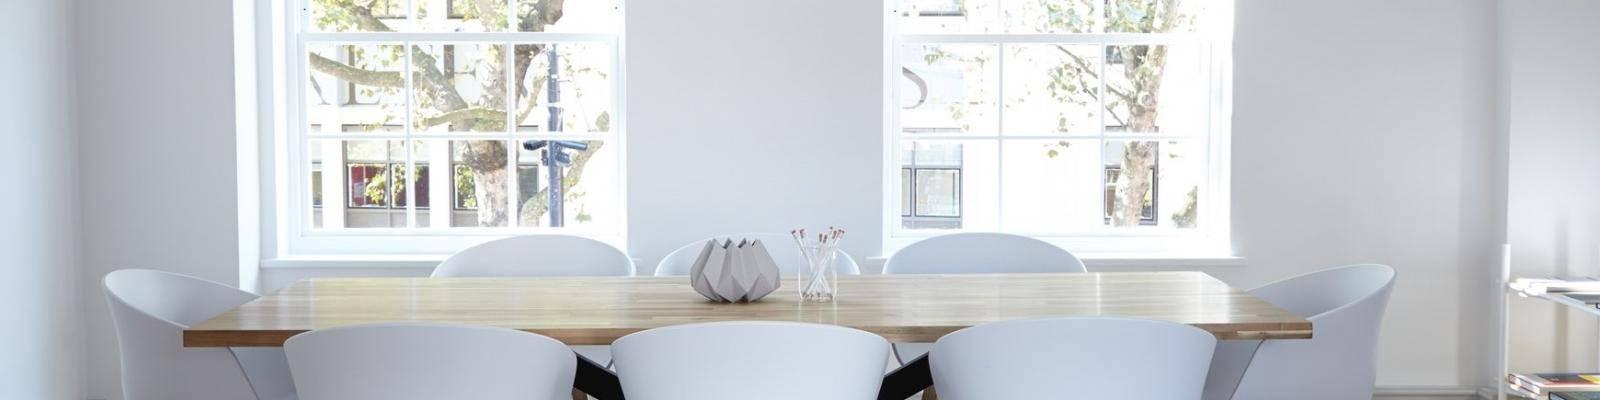 Witte ruimte met tafel en stoelen